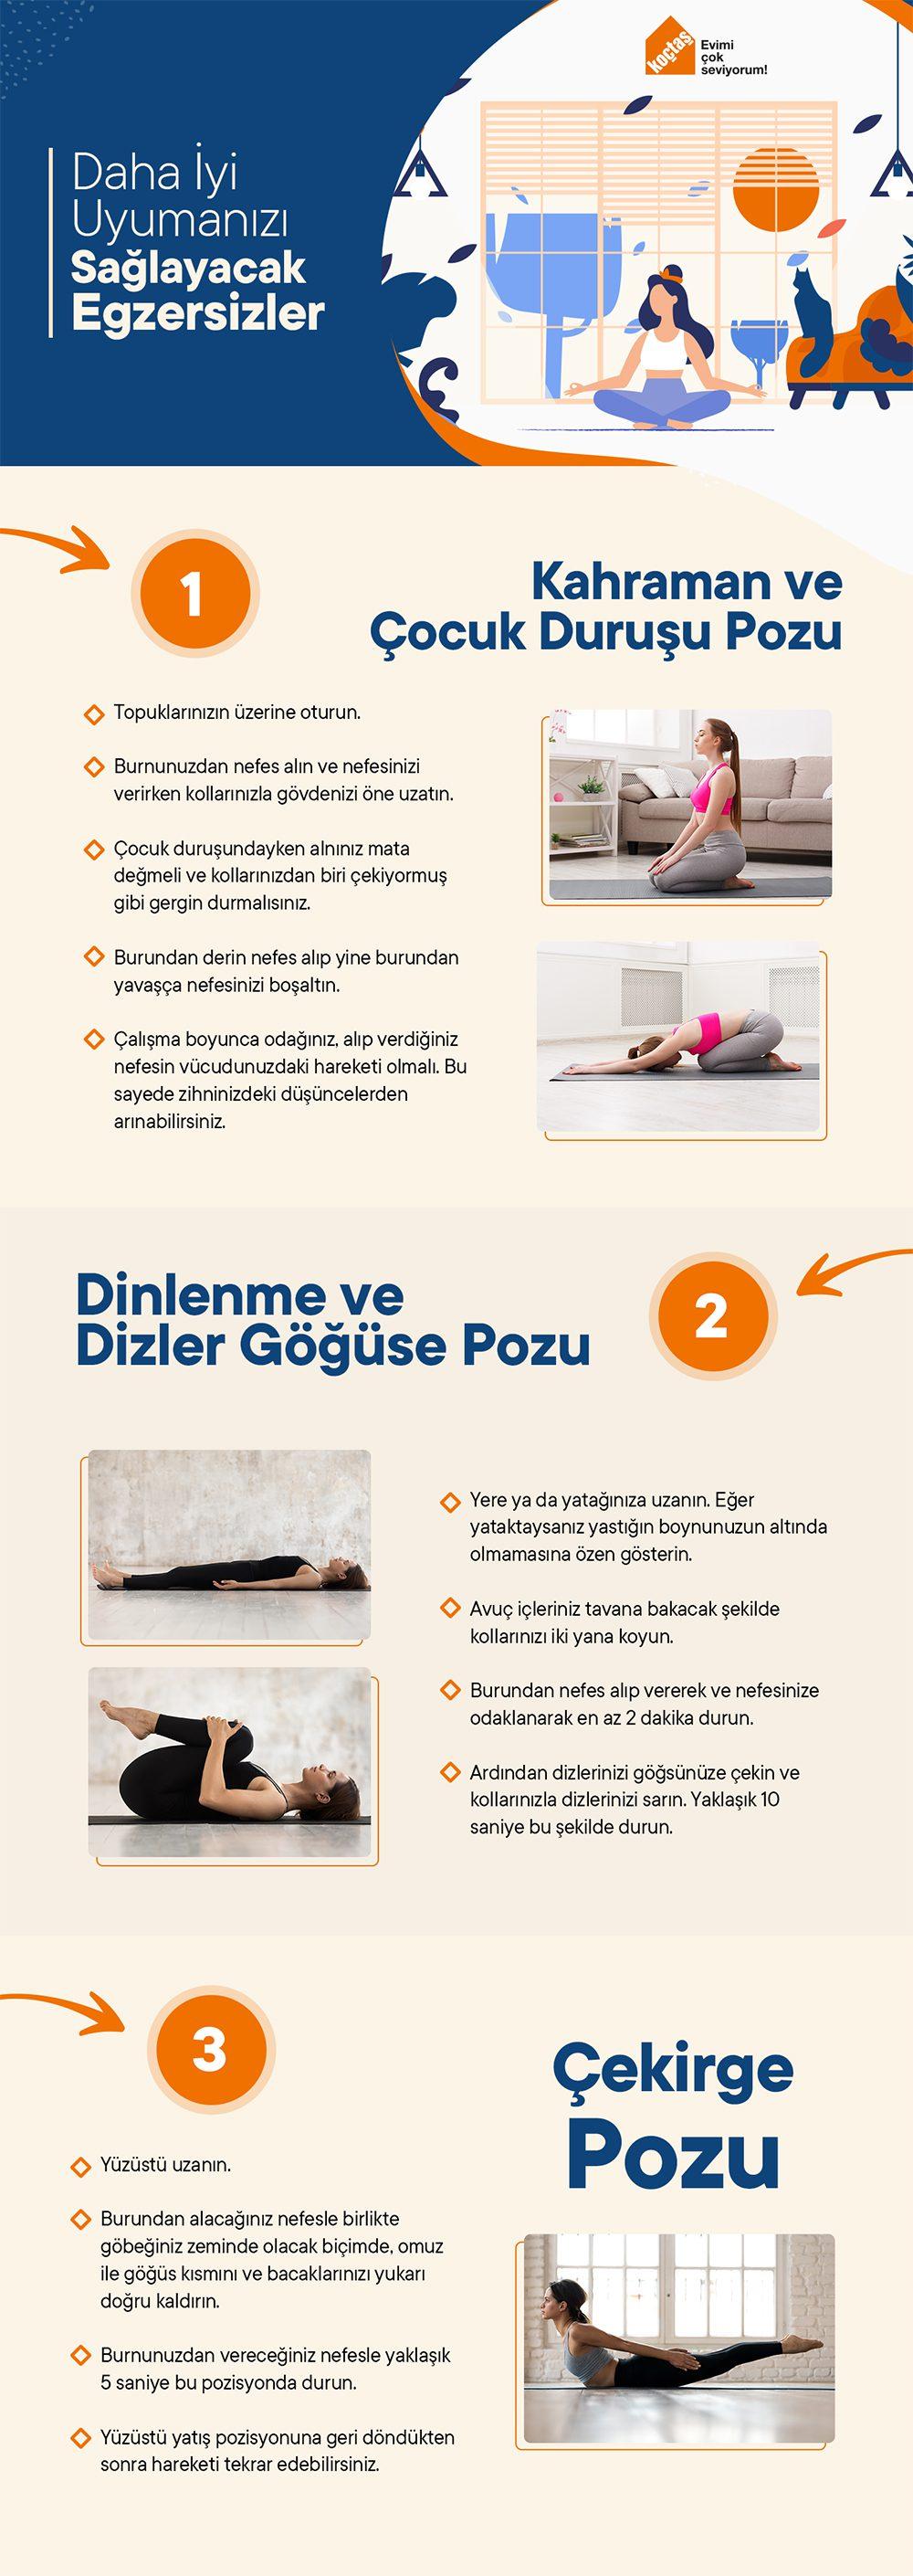 Daha İyi Uyumak İçin Egzersizler